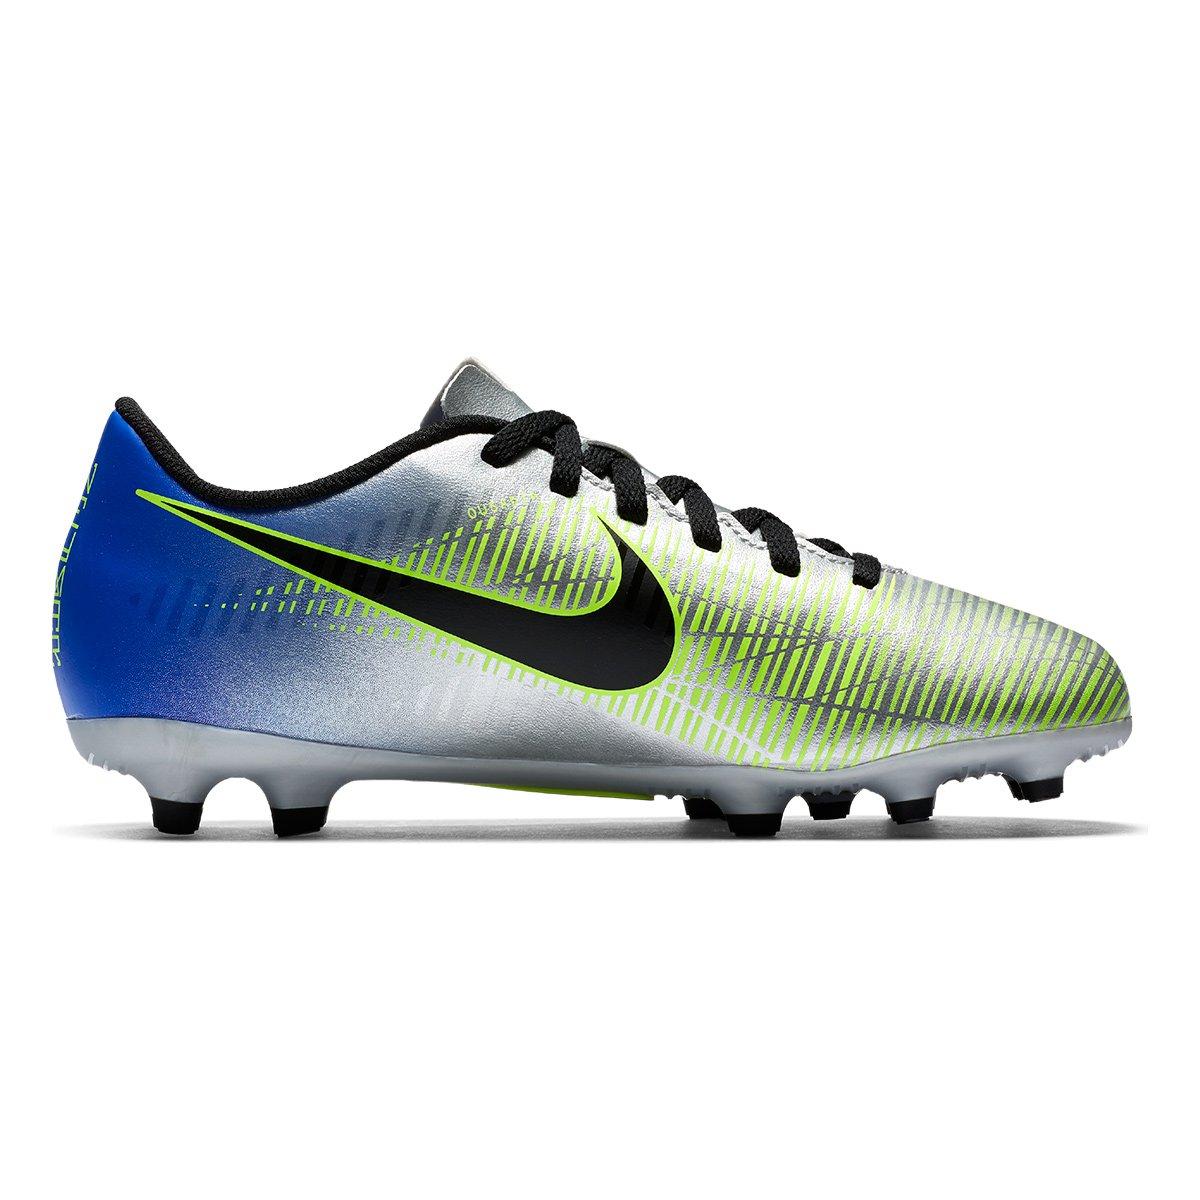 4f7f1733da148 Chuteira Campo Infantil Nike Mercurial Vortex 3 NJR FG - Compre Agora